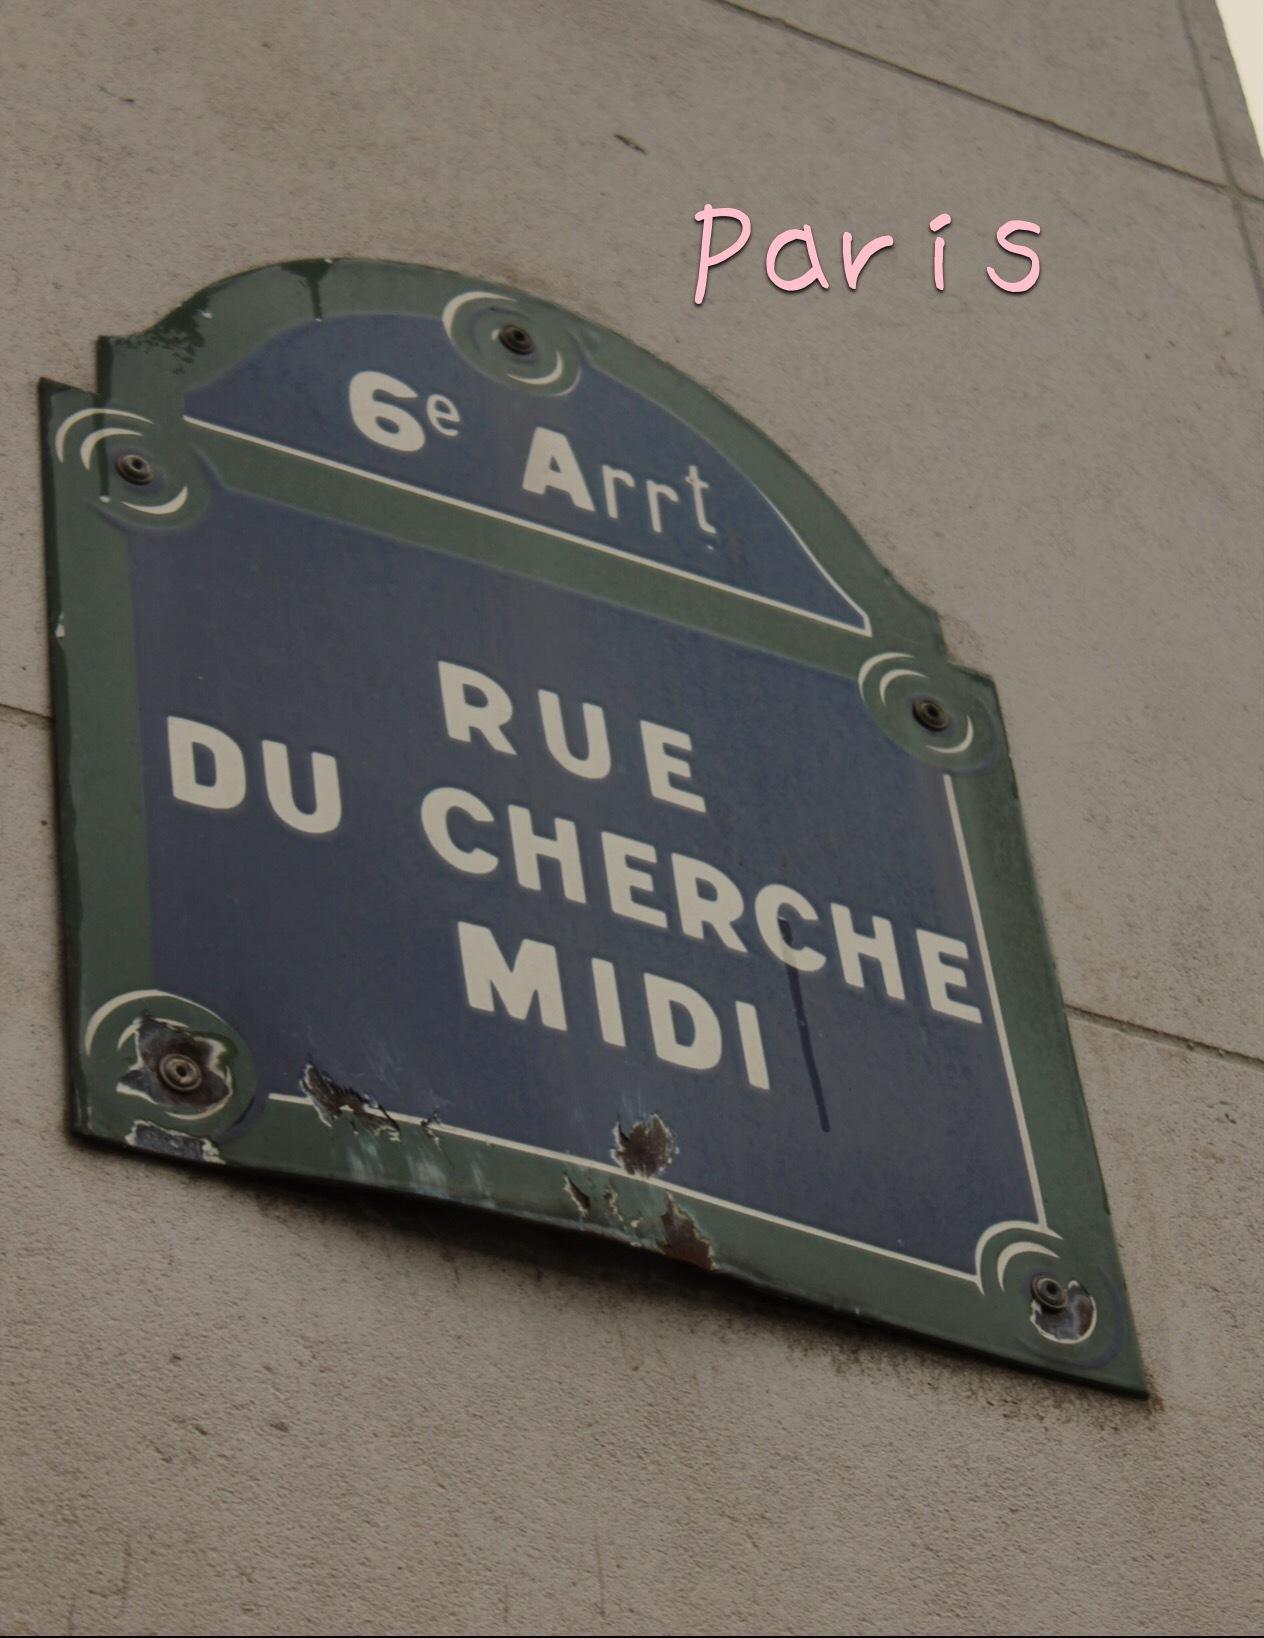 パリの旅日記!サンジェルマン・デプレ*⃝̣◌︎⑅⃝︎◍︎♡︎◌︎*⃝̥◍︎♡︎_a0213806_16575396.jpeg